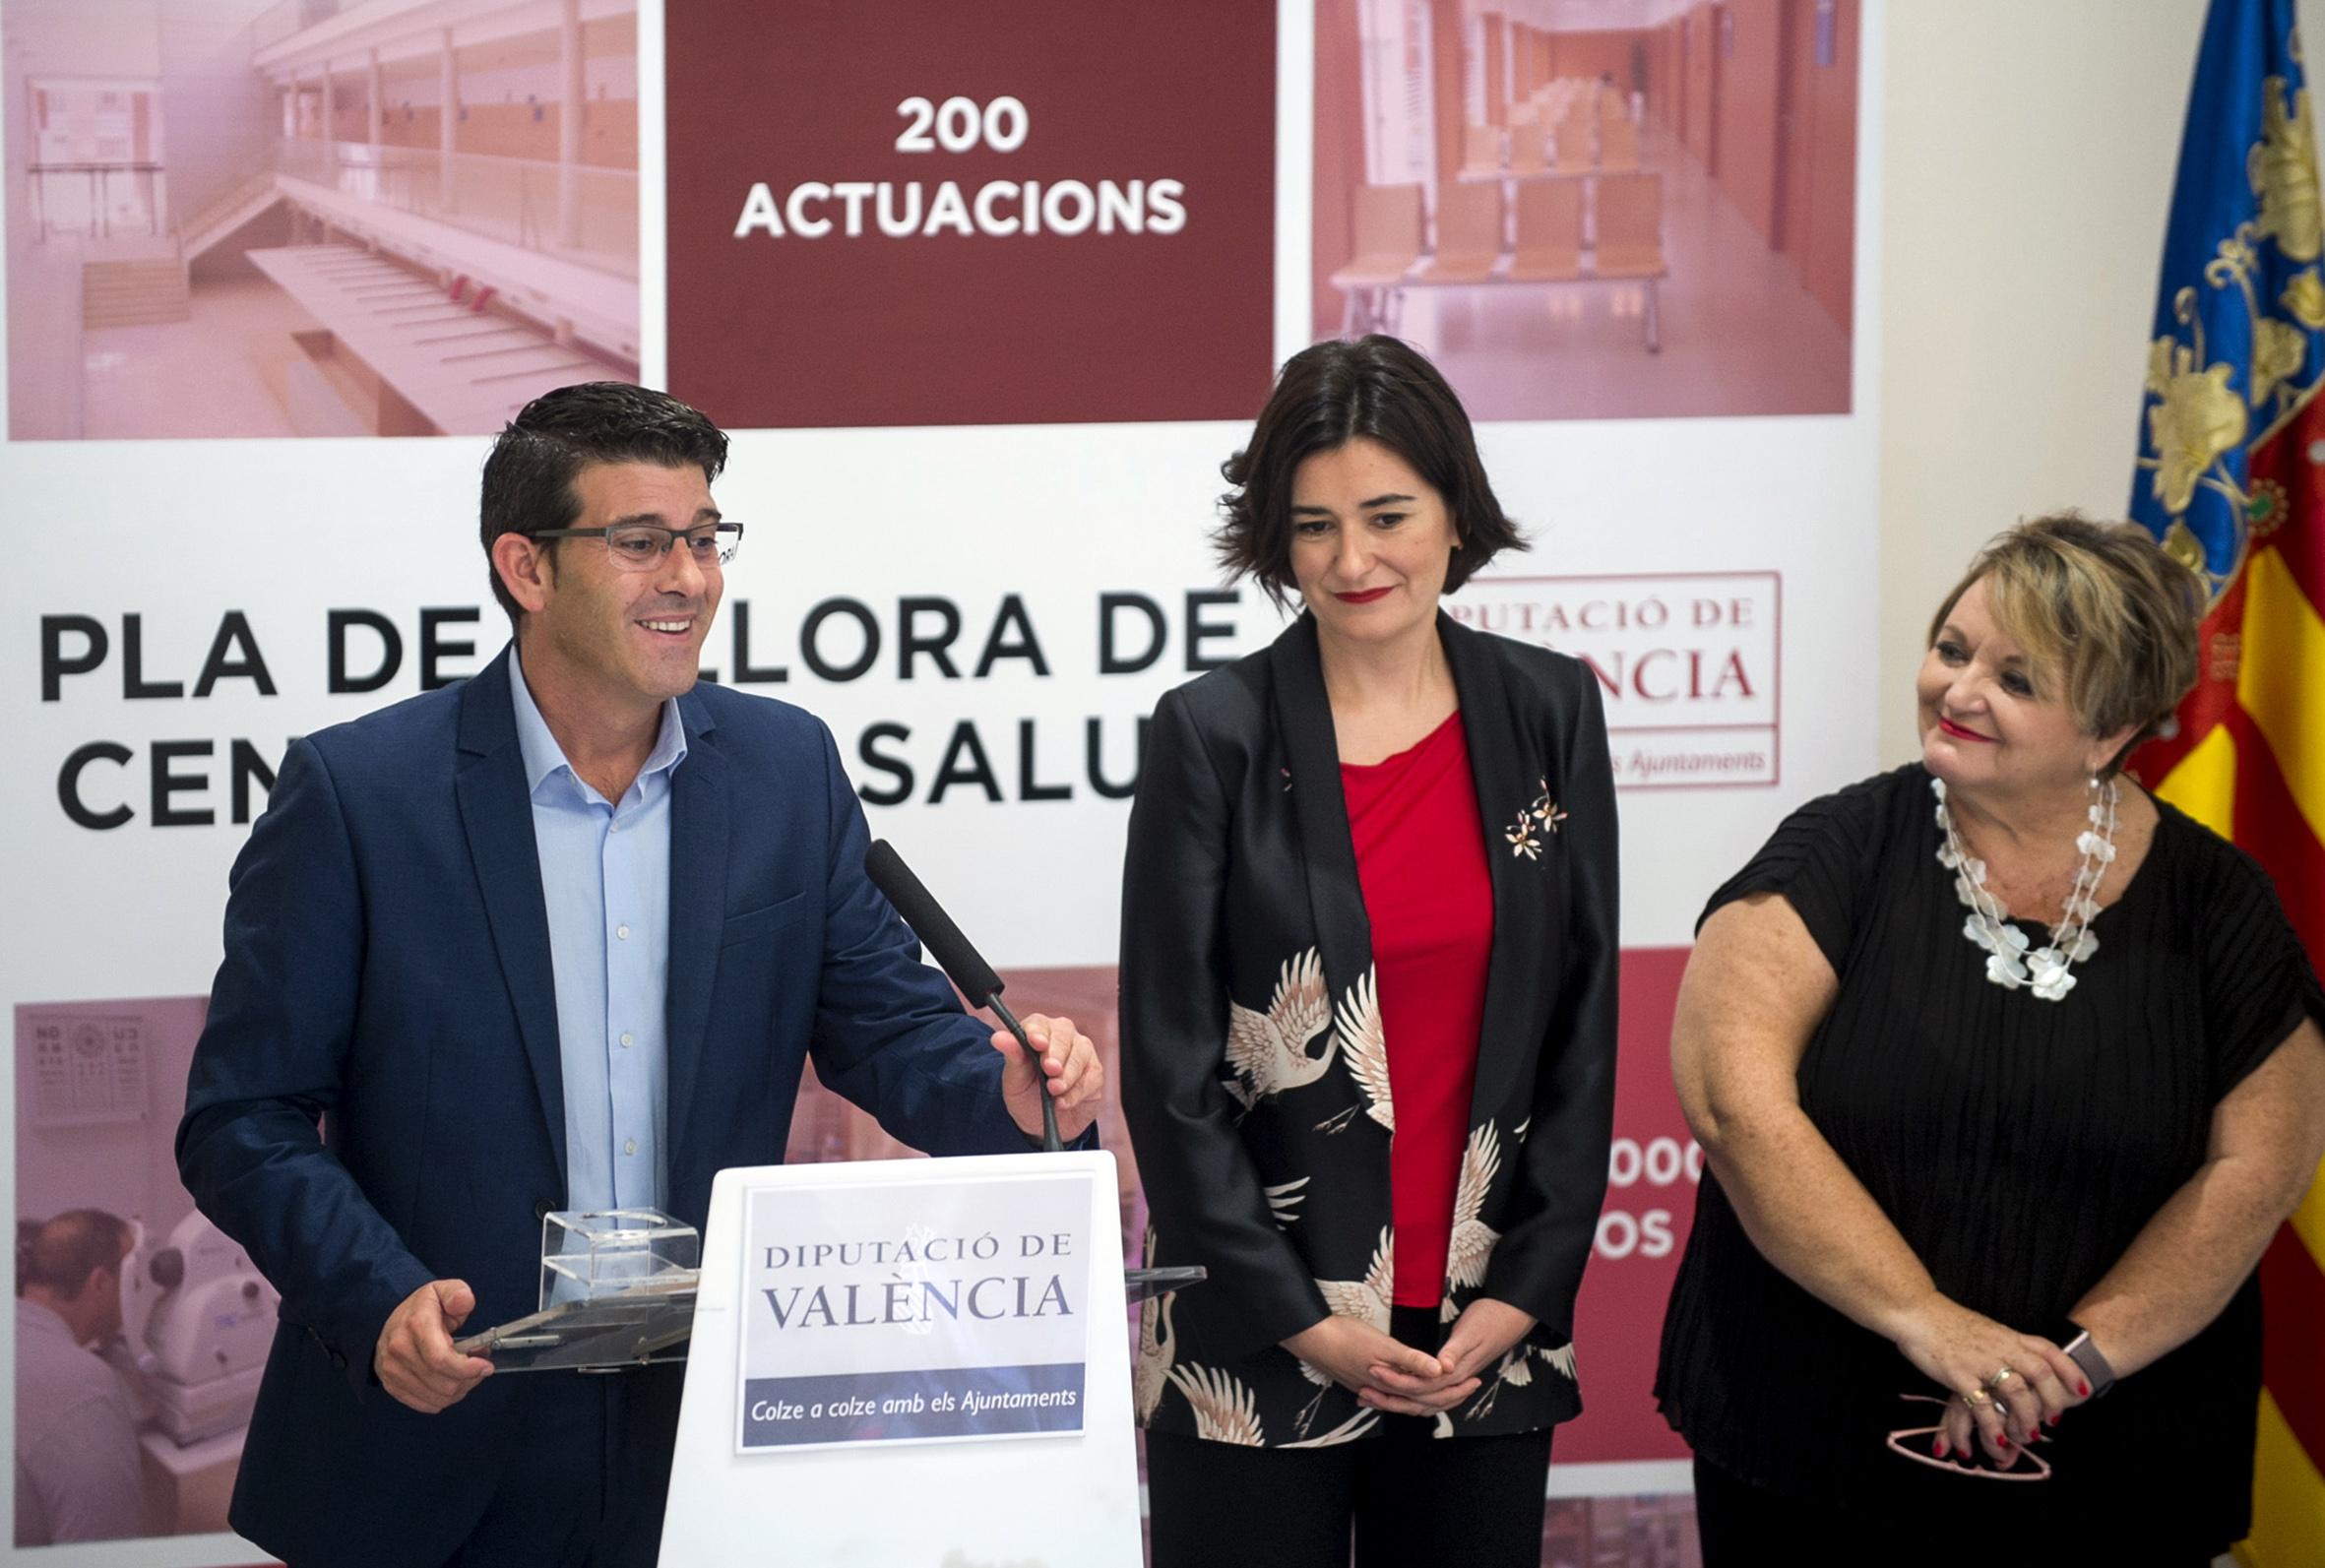 El presidente de la Corporación, Jorge Rodríguez, y la consellera Carmen Montón han presentado un programa que pretende humanizar la atención sanitaria mejorando la habitabilidad de los centros.